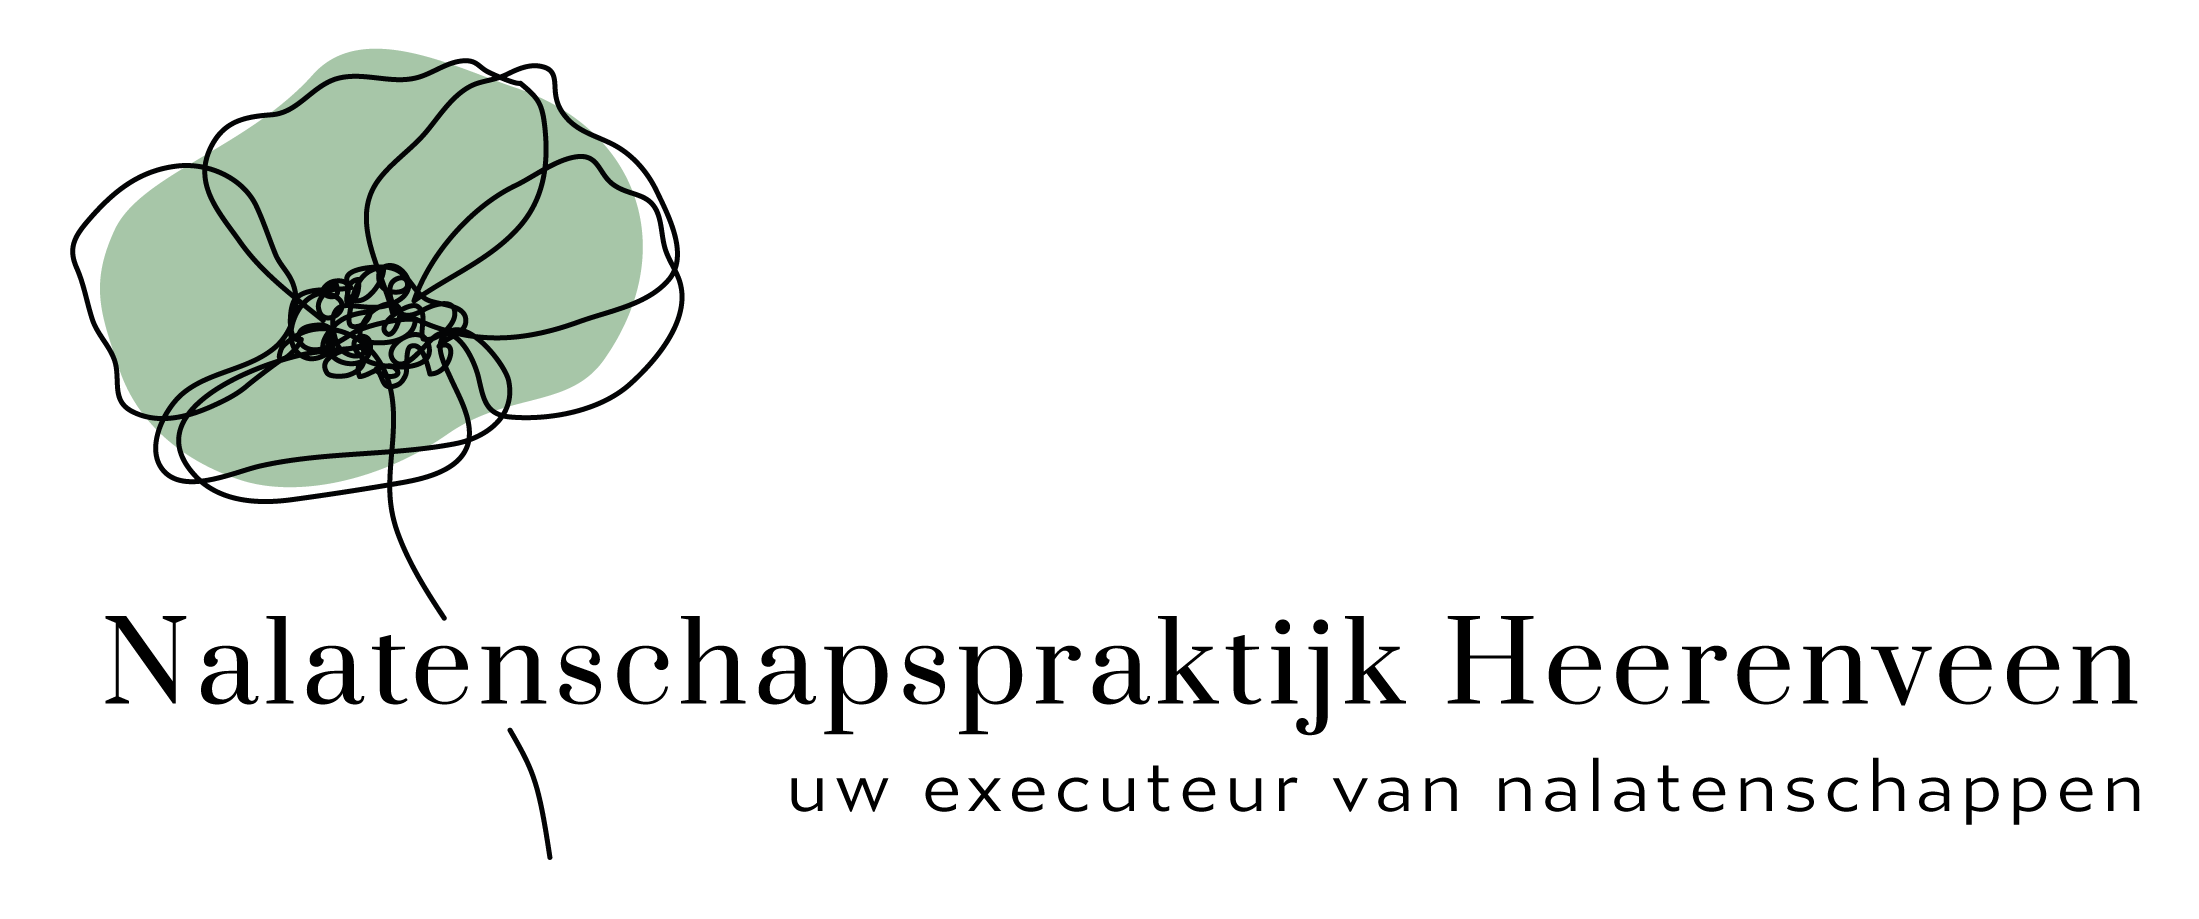 Nalatenschapspraktijk Heerenveen